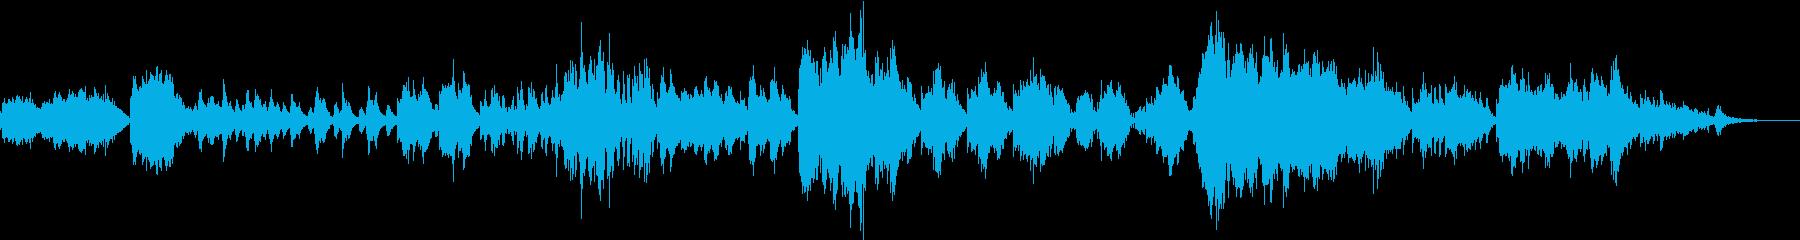 森の中にいるようなピアノ曲の再生済みの波形